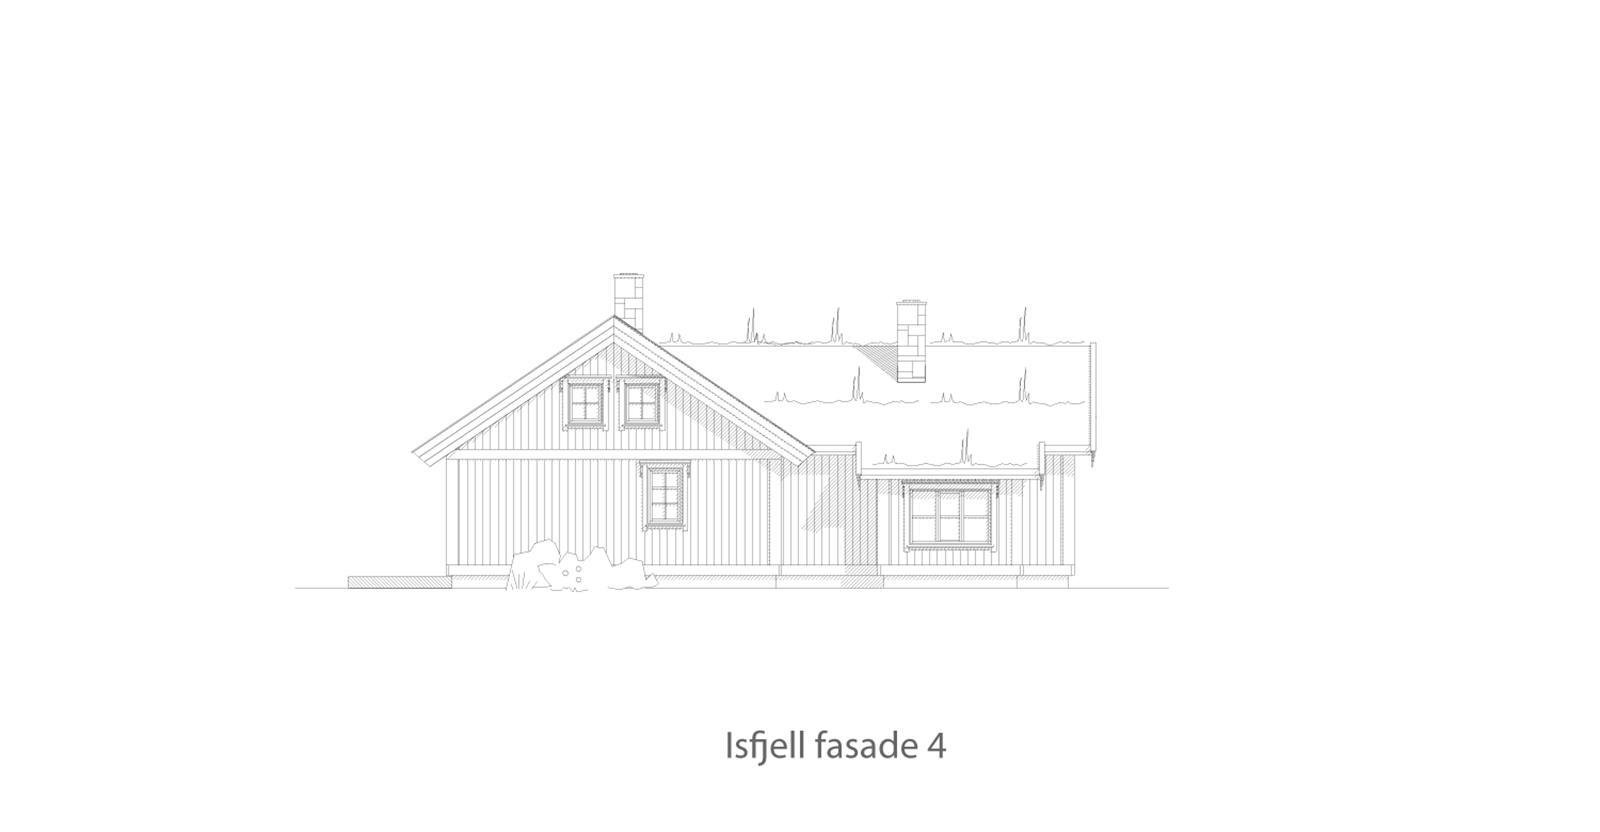 Isfjell fasade 4